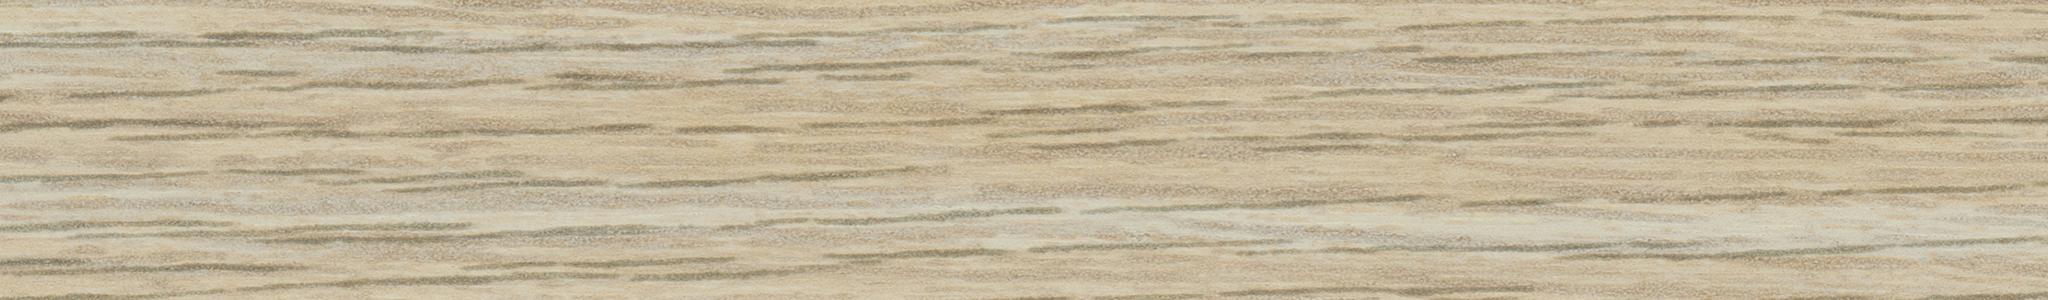 HD 248310 ABS Edge Oak Pore